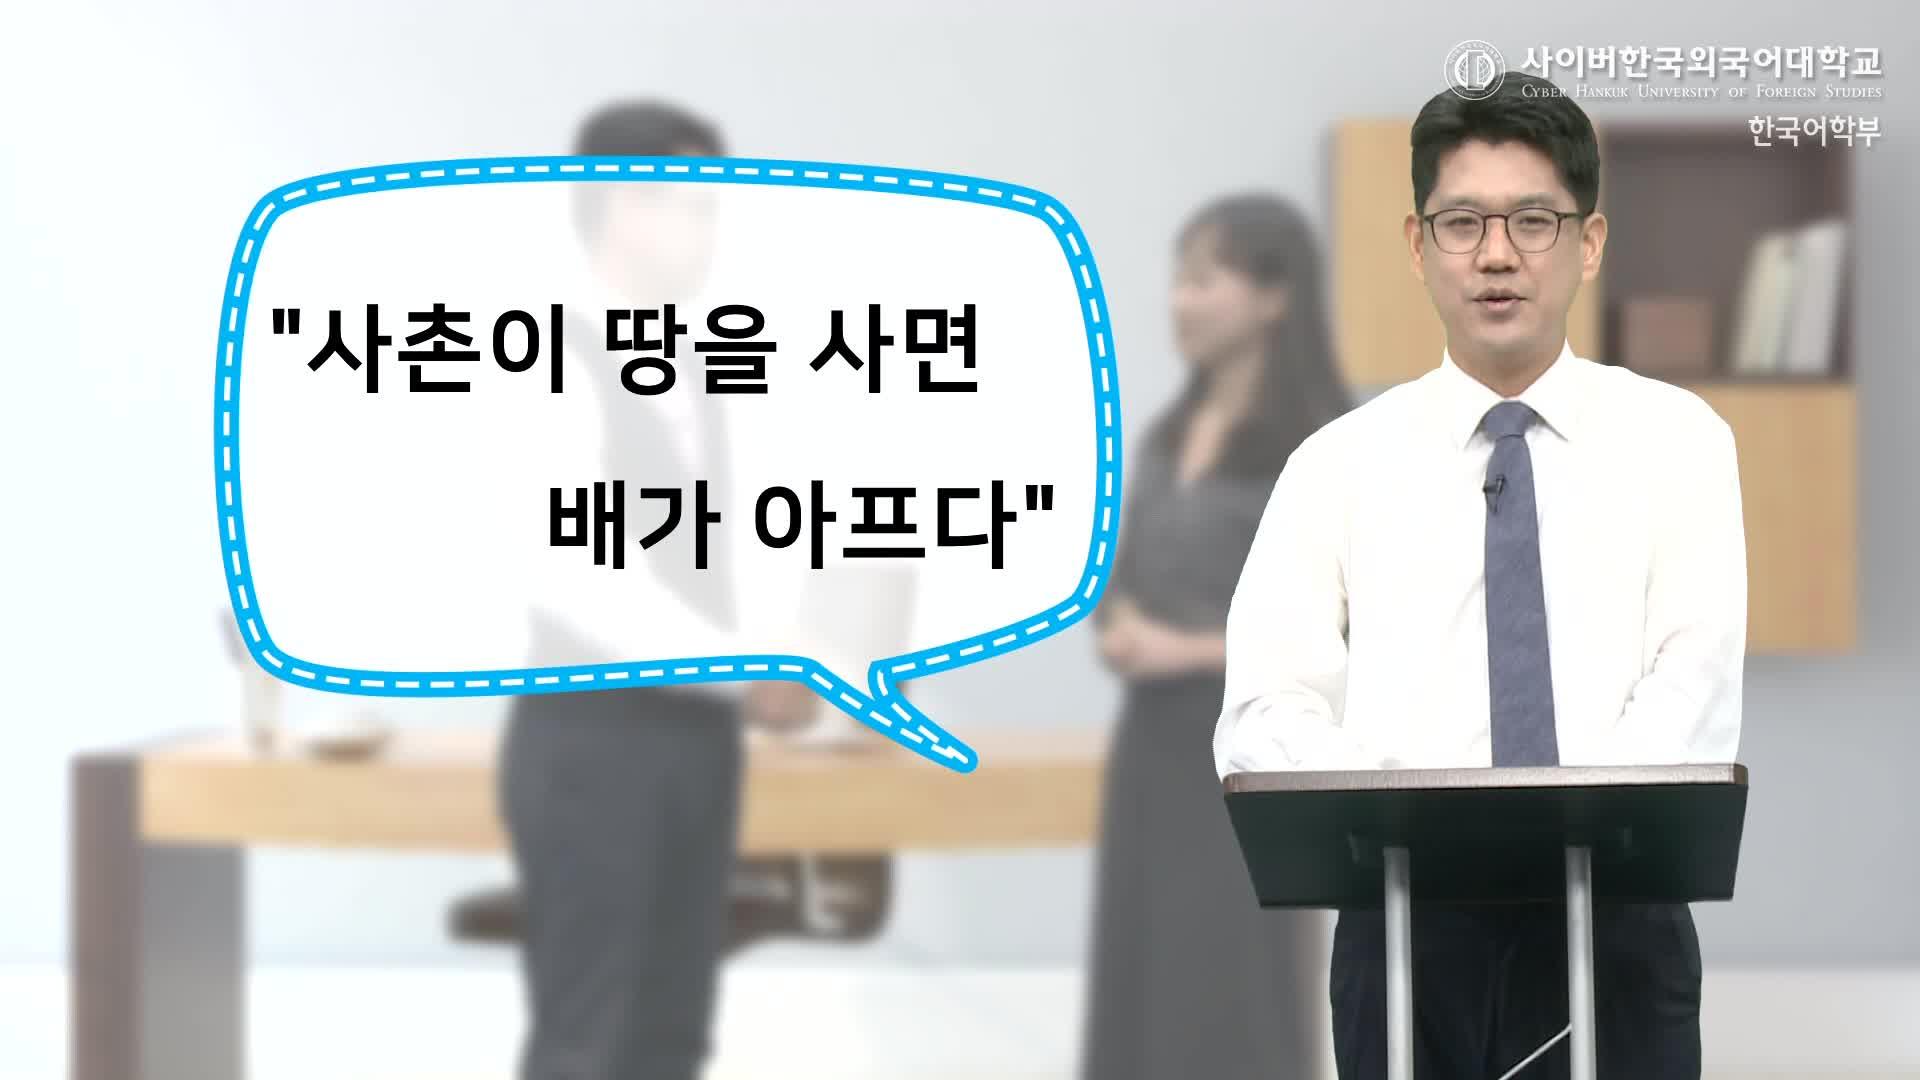 [韩语俗语]#15. 总有人看不得别人好